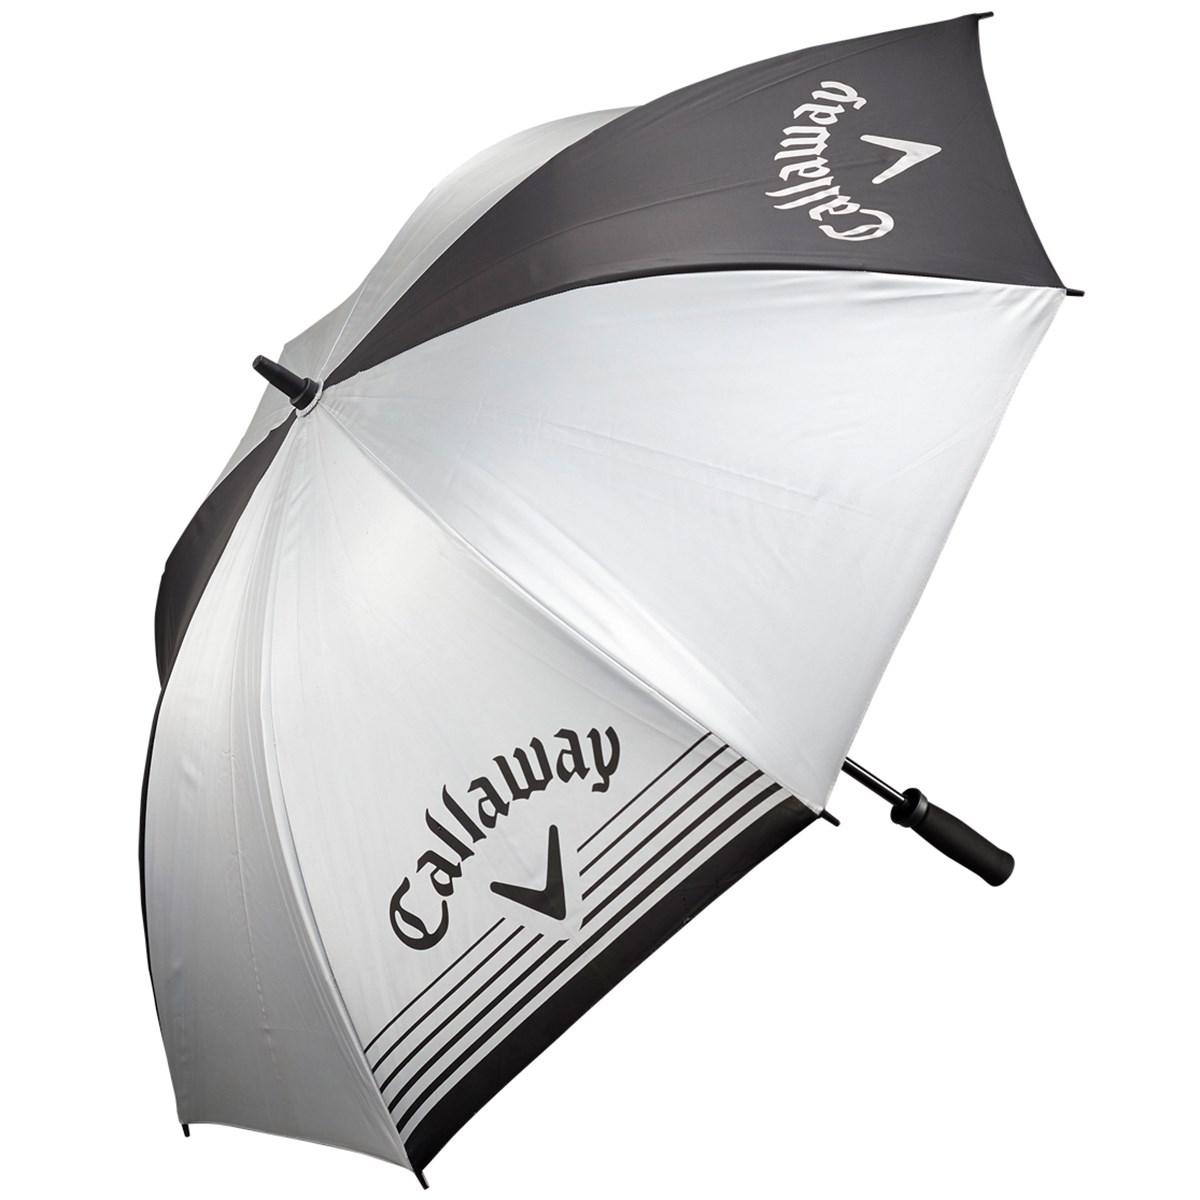 キャロウェイゴルフ Callaway Golf UV COLOR 70 JM 傘 ブラック